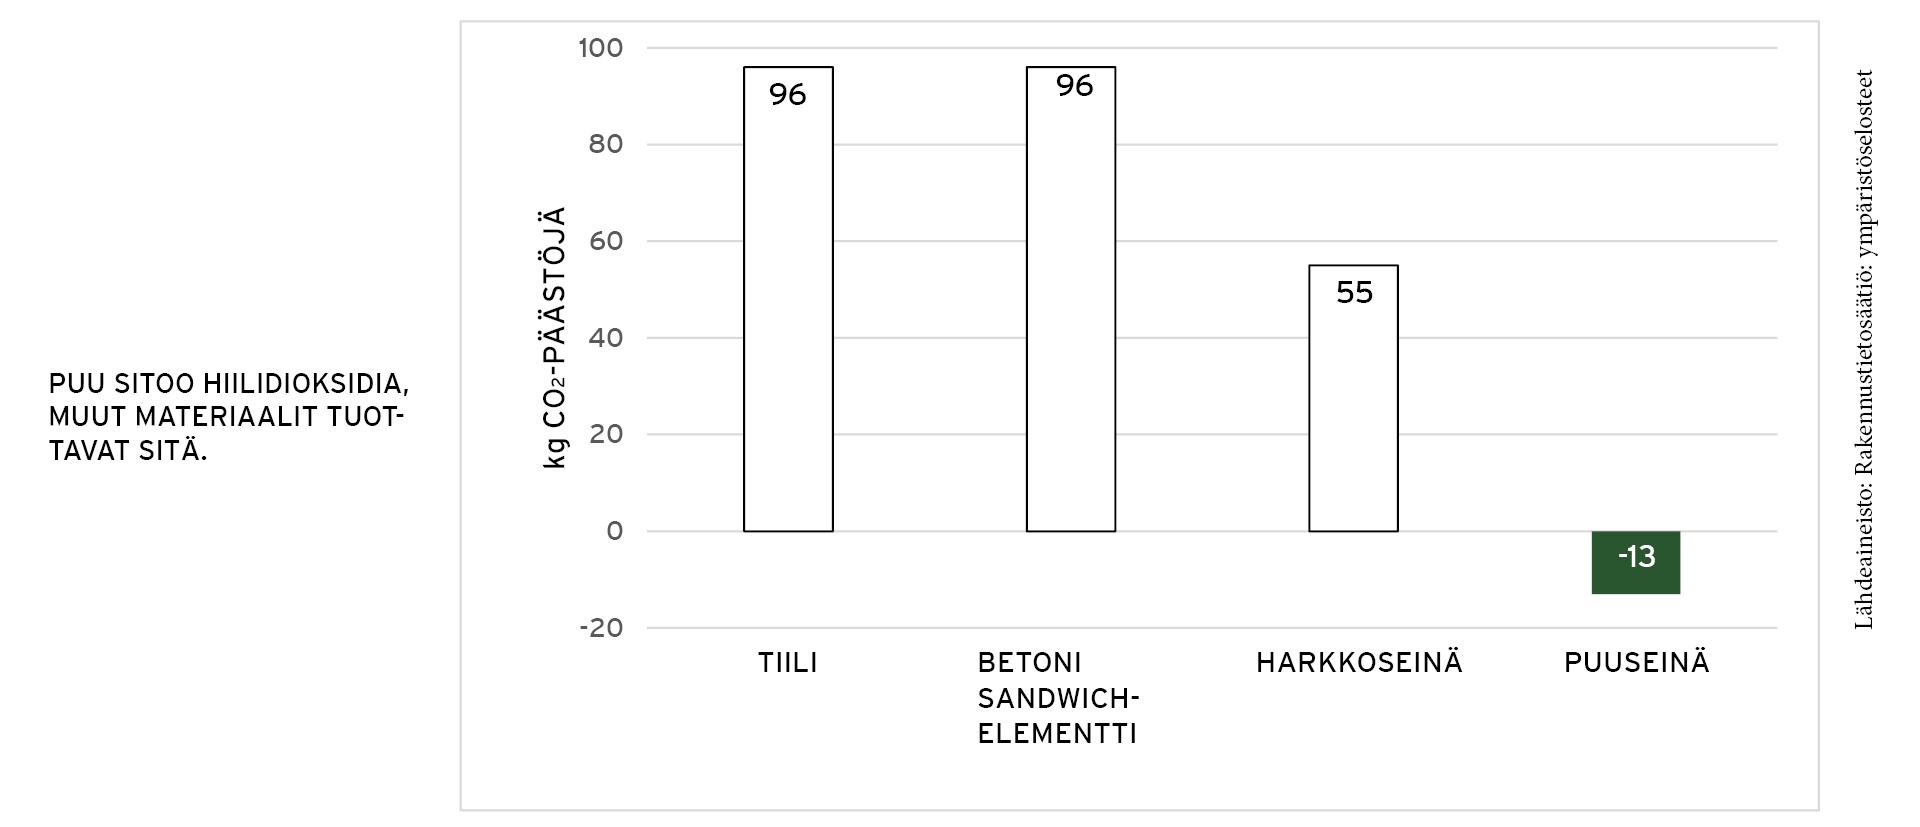 Materiaalien CO2-päästöt